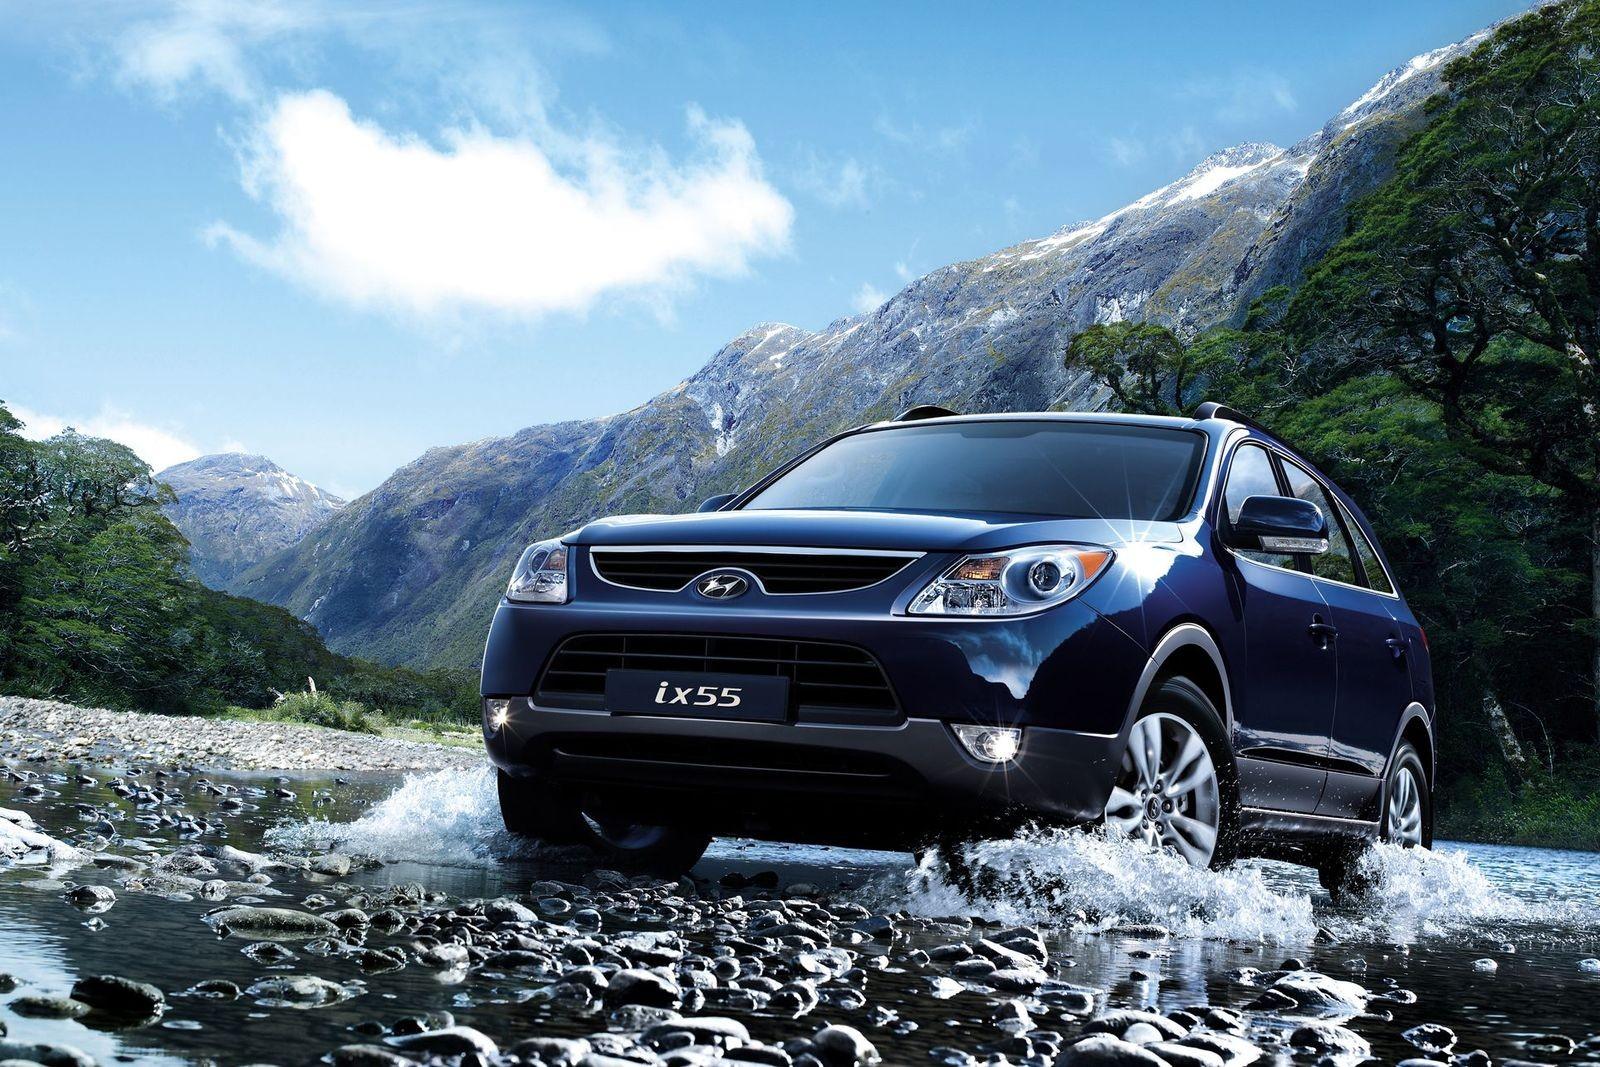 Без изысков, но недорого в содержании: стоит ли покупать Hyundai ix55 за 1,2 миллиона рублей